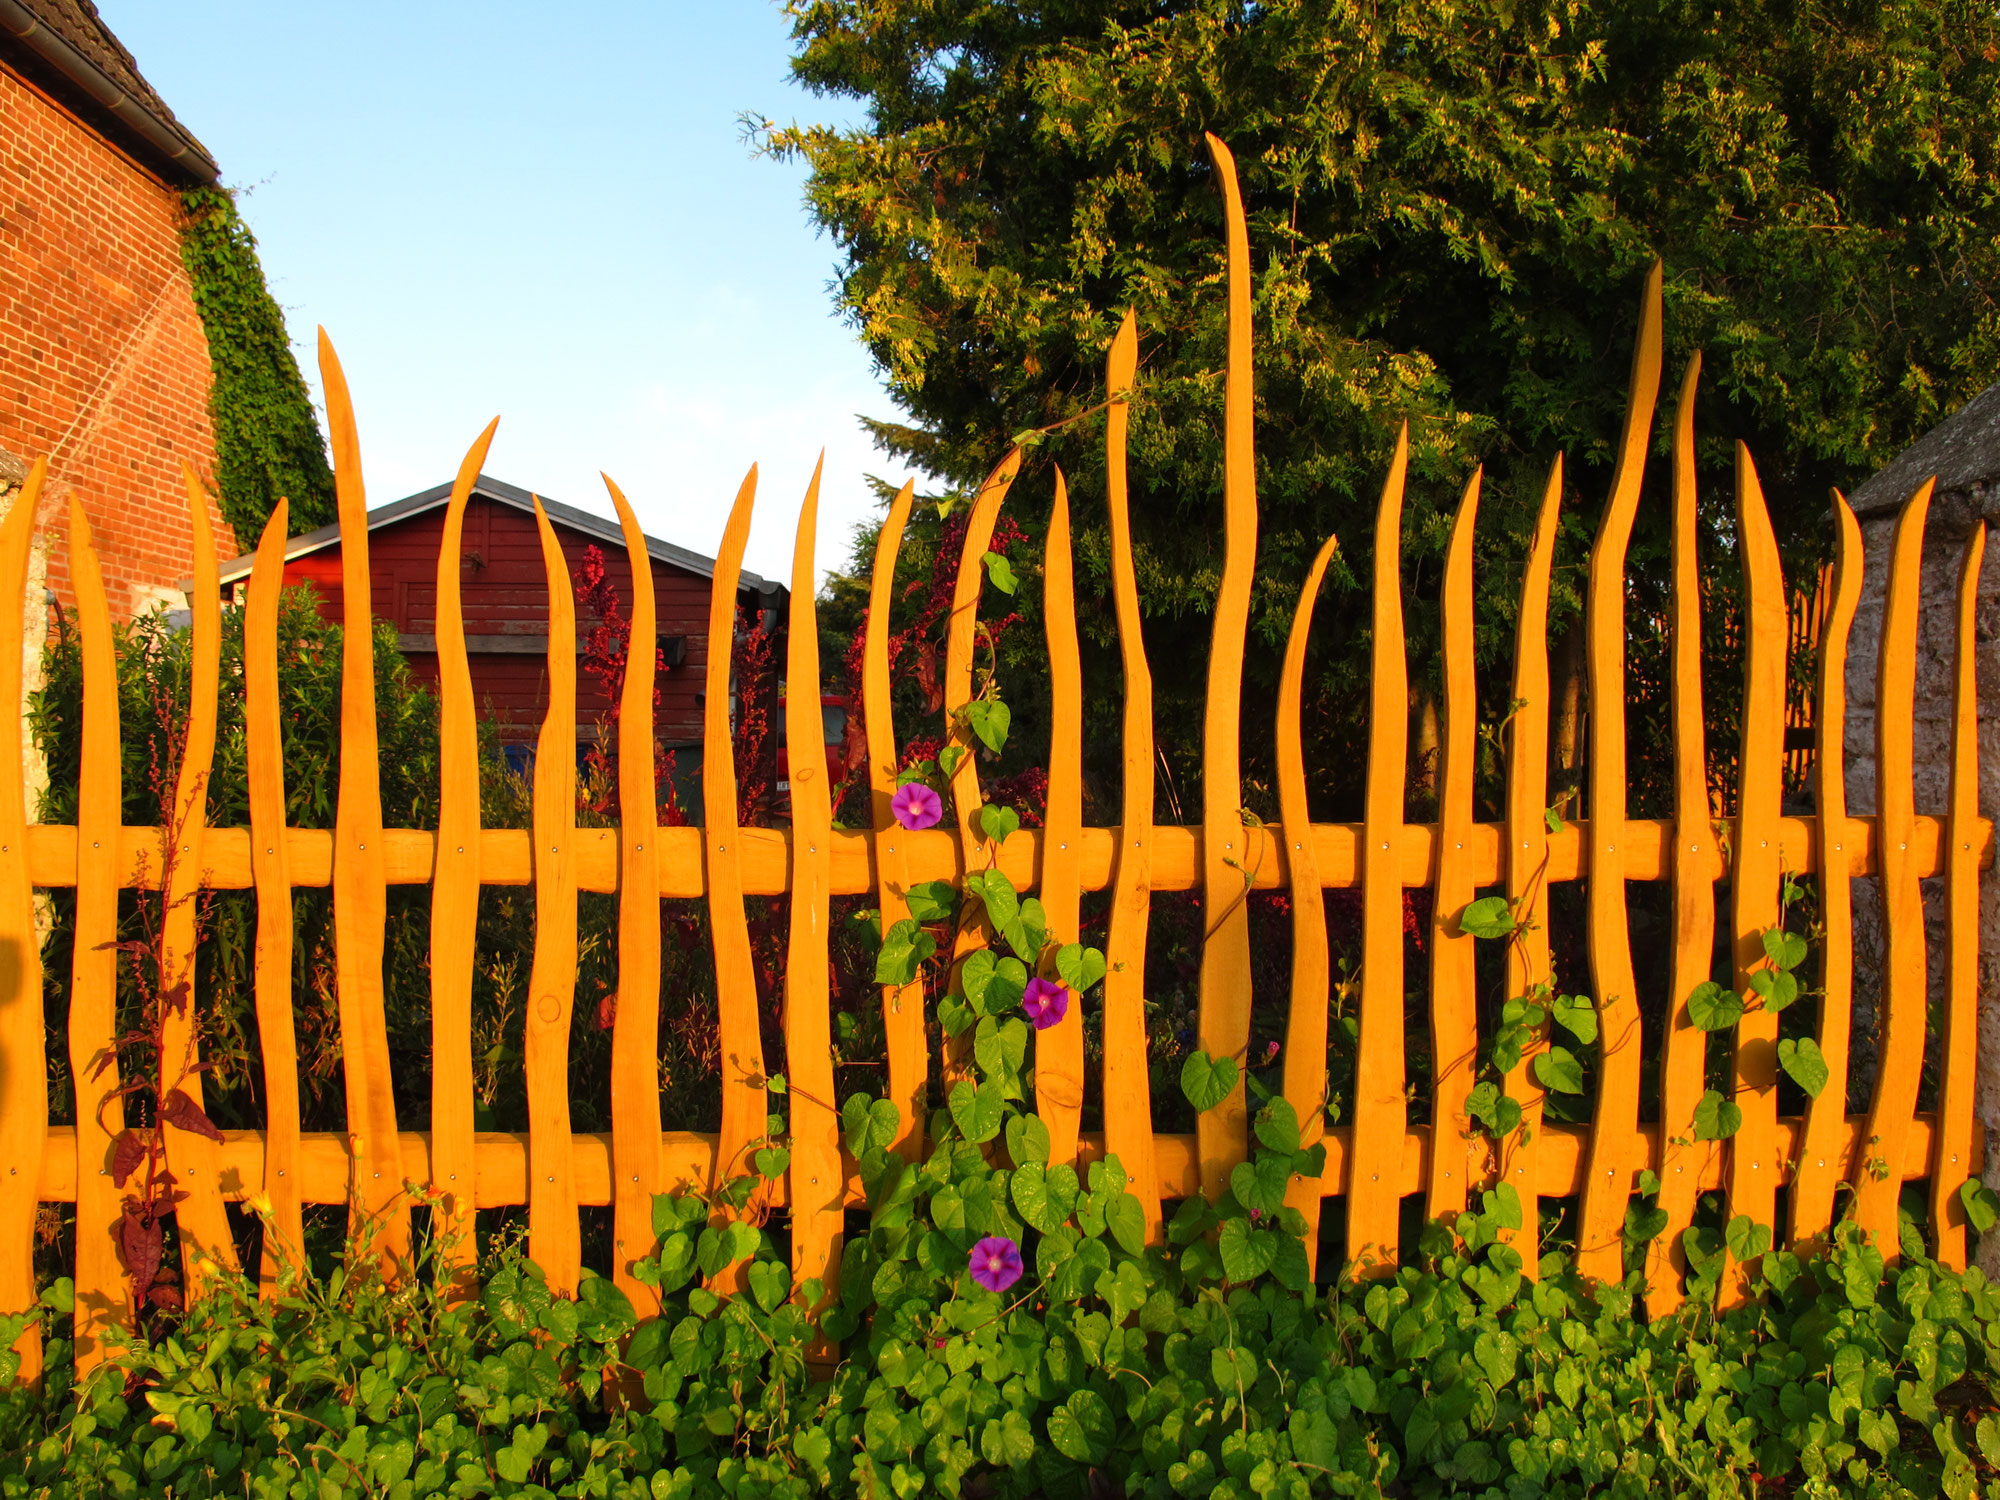 Das Vielfarbenhaus hat einen neuen Zaun